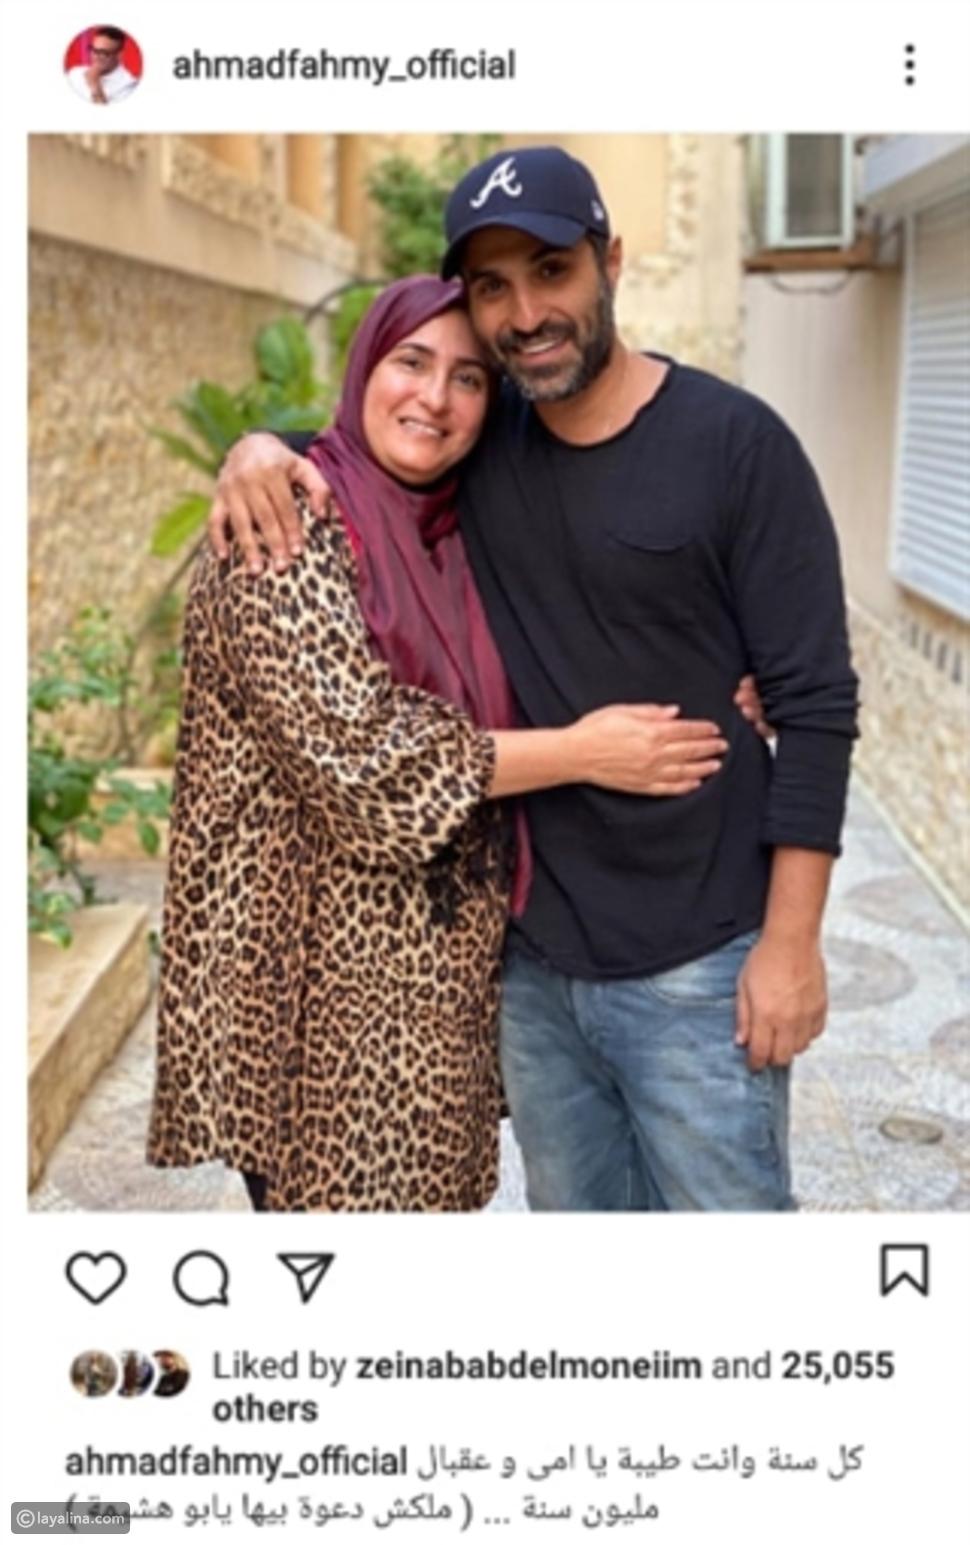 أحمد فهمي يُحذر أبو هشيمة والسبب والدته